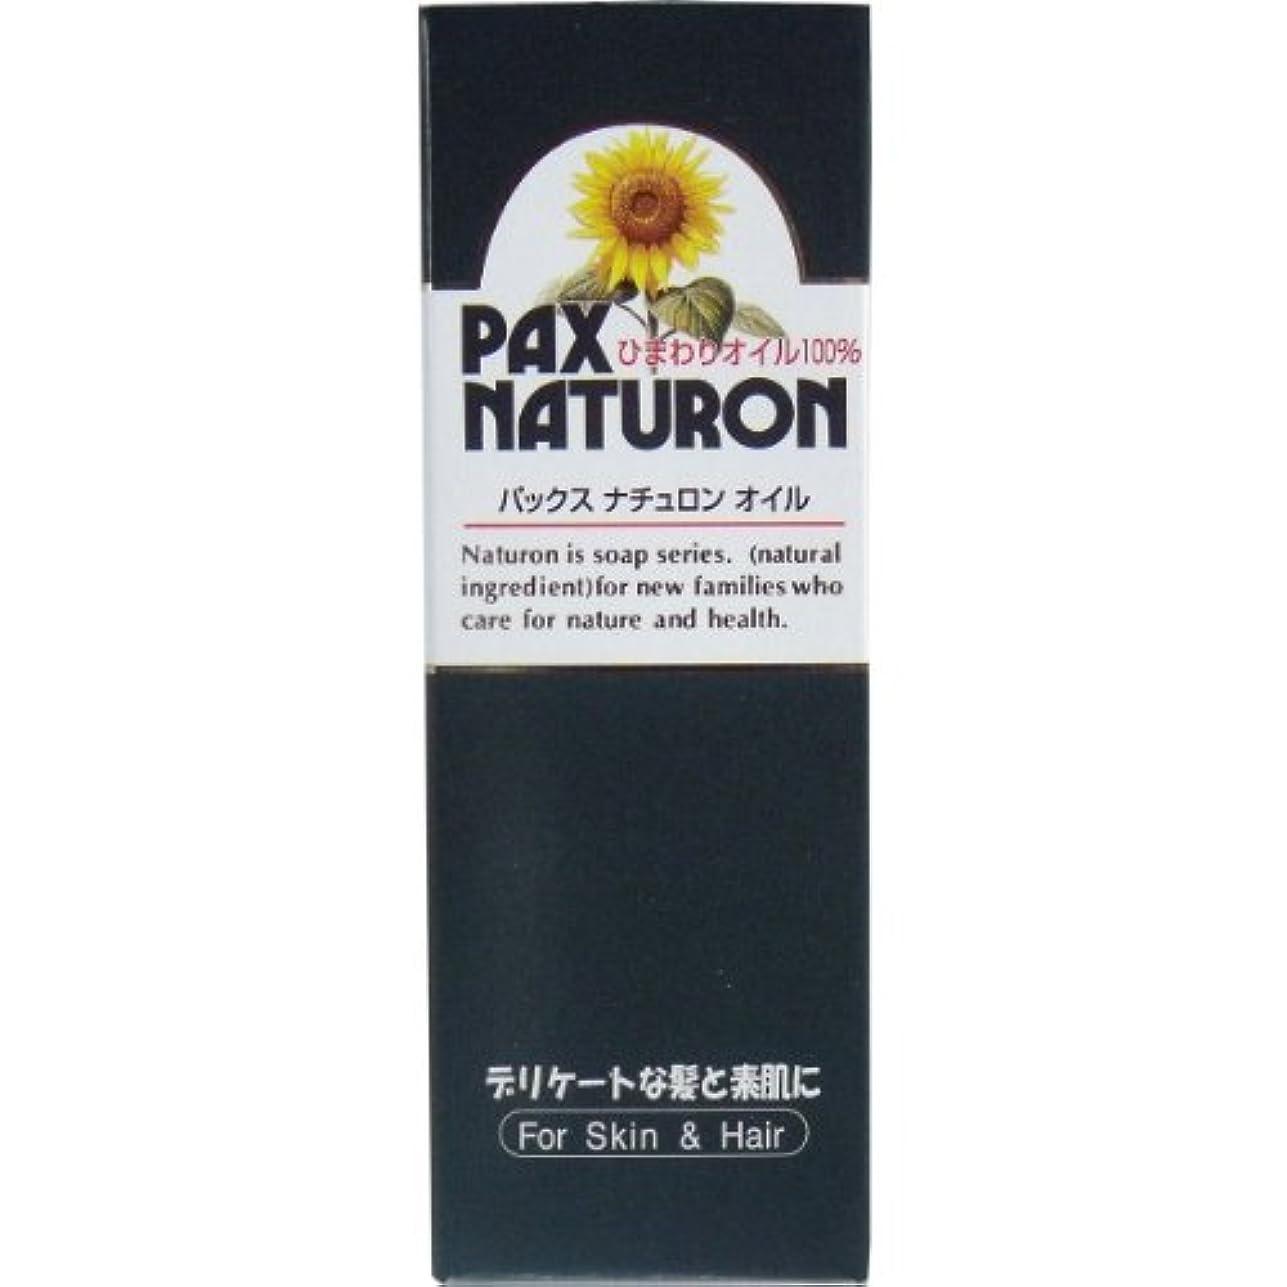 パックスナチュロン オイル(ひまわりオイル100%) 60ml 【3セット】